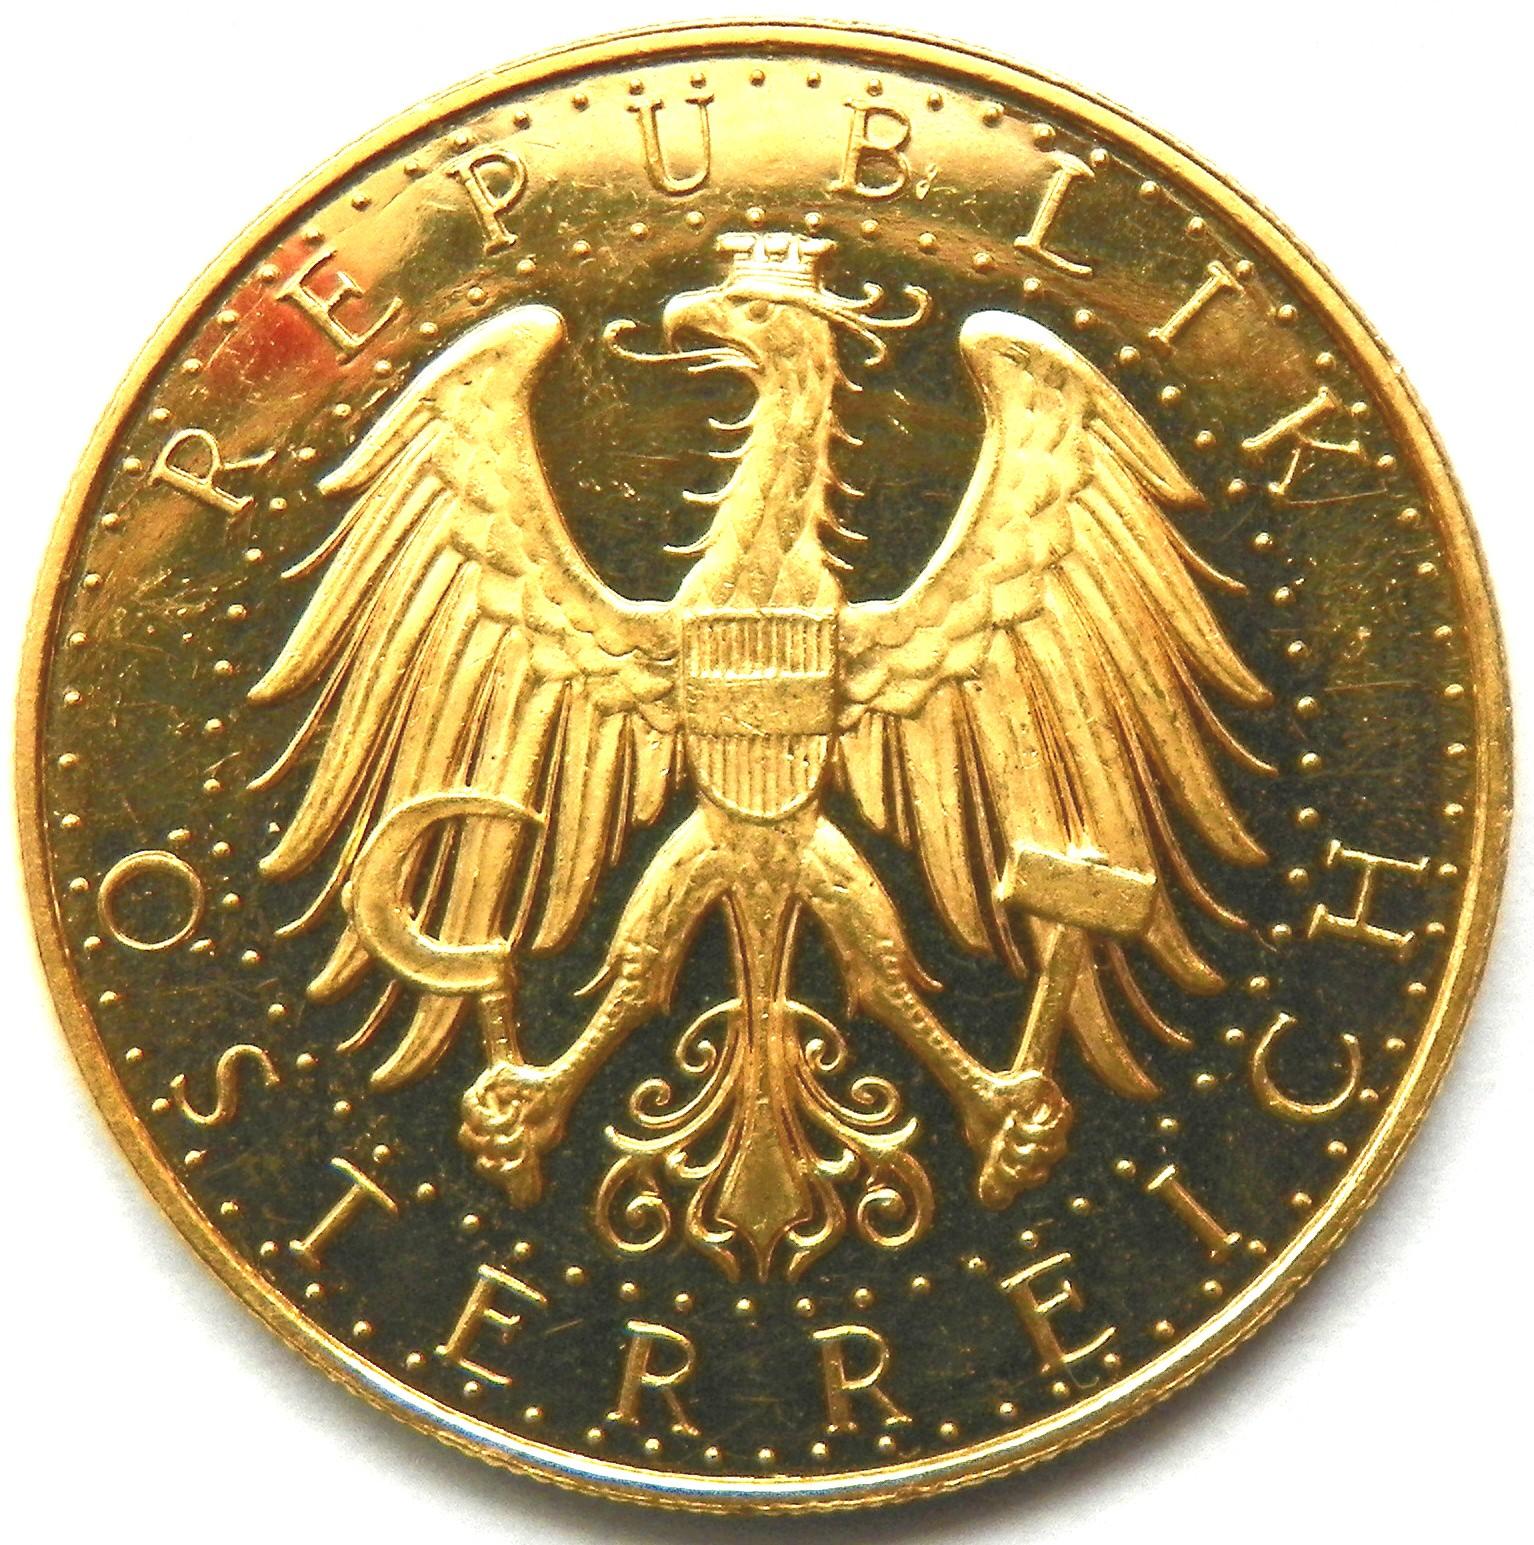 Austria 100 Schilling (1926-1934)